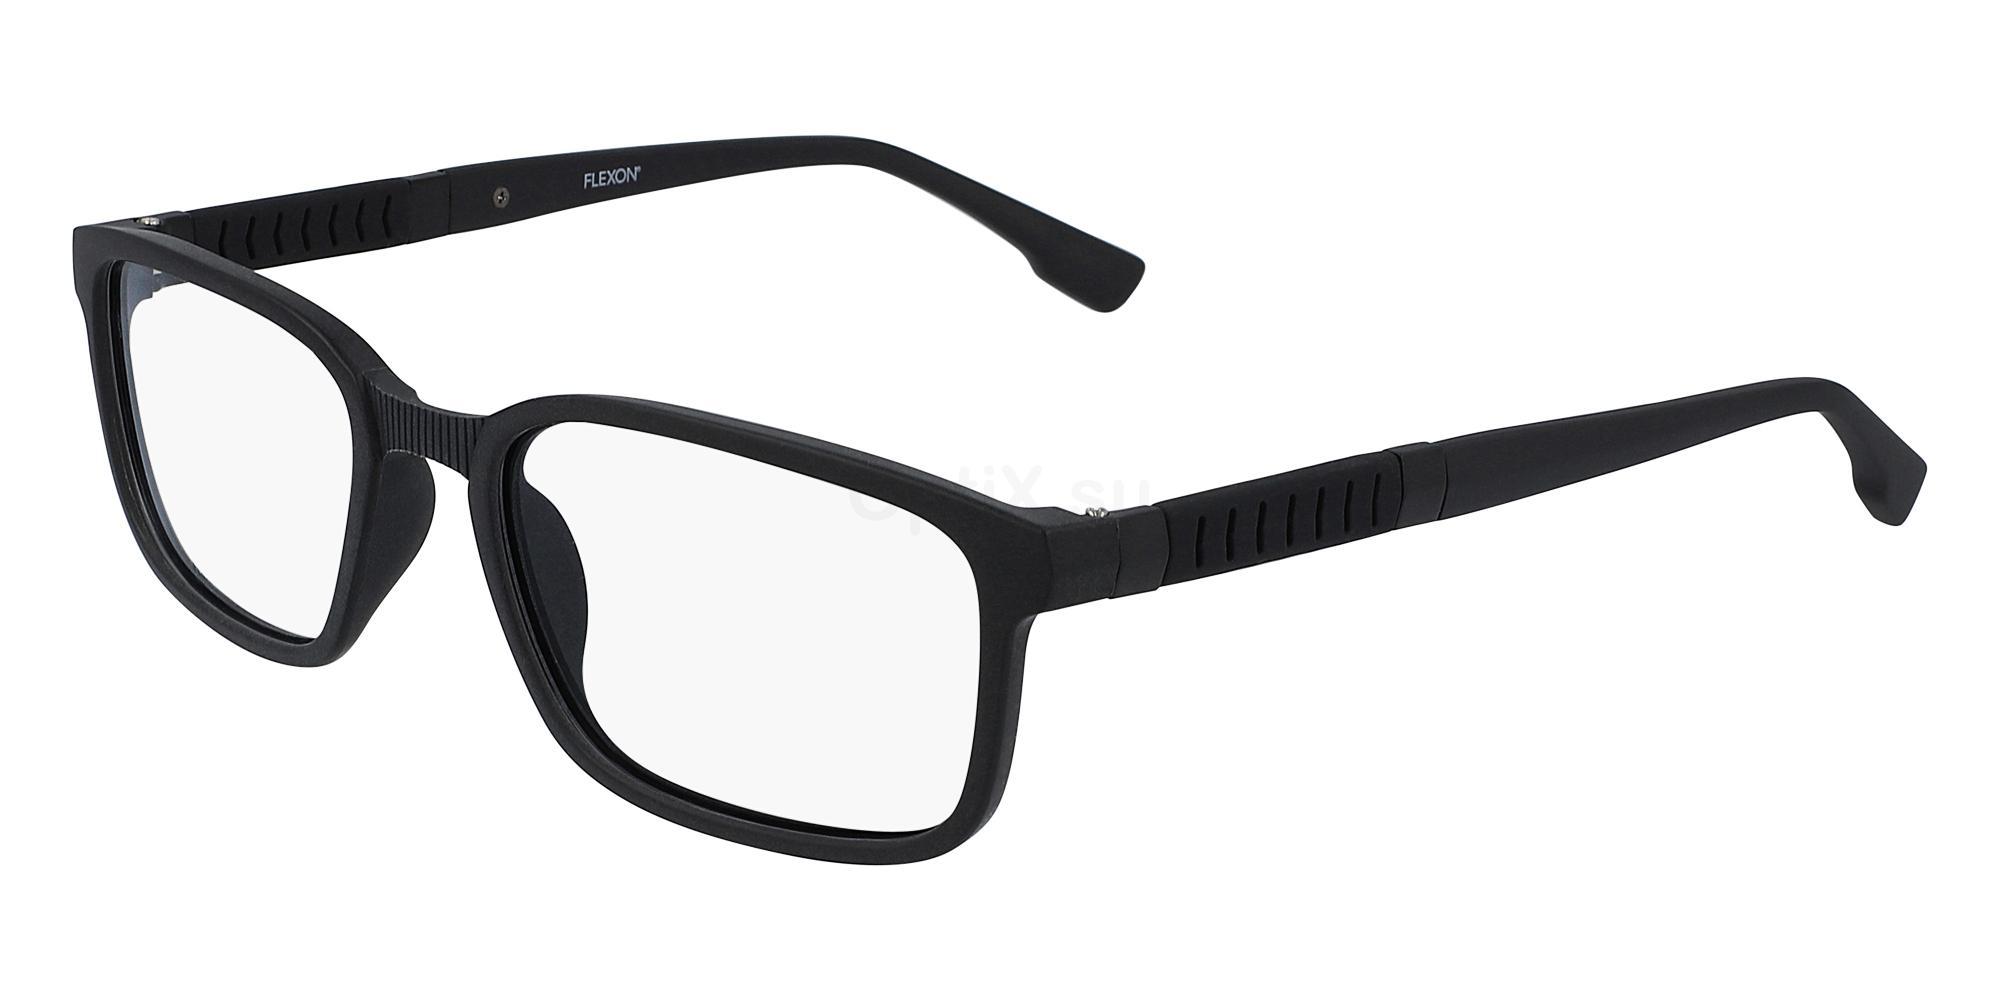 001 FLEXON E1115 Glasses, Flexon